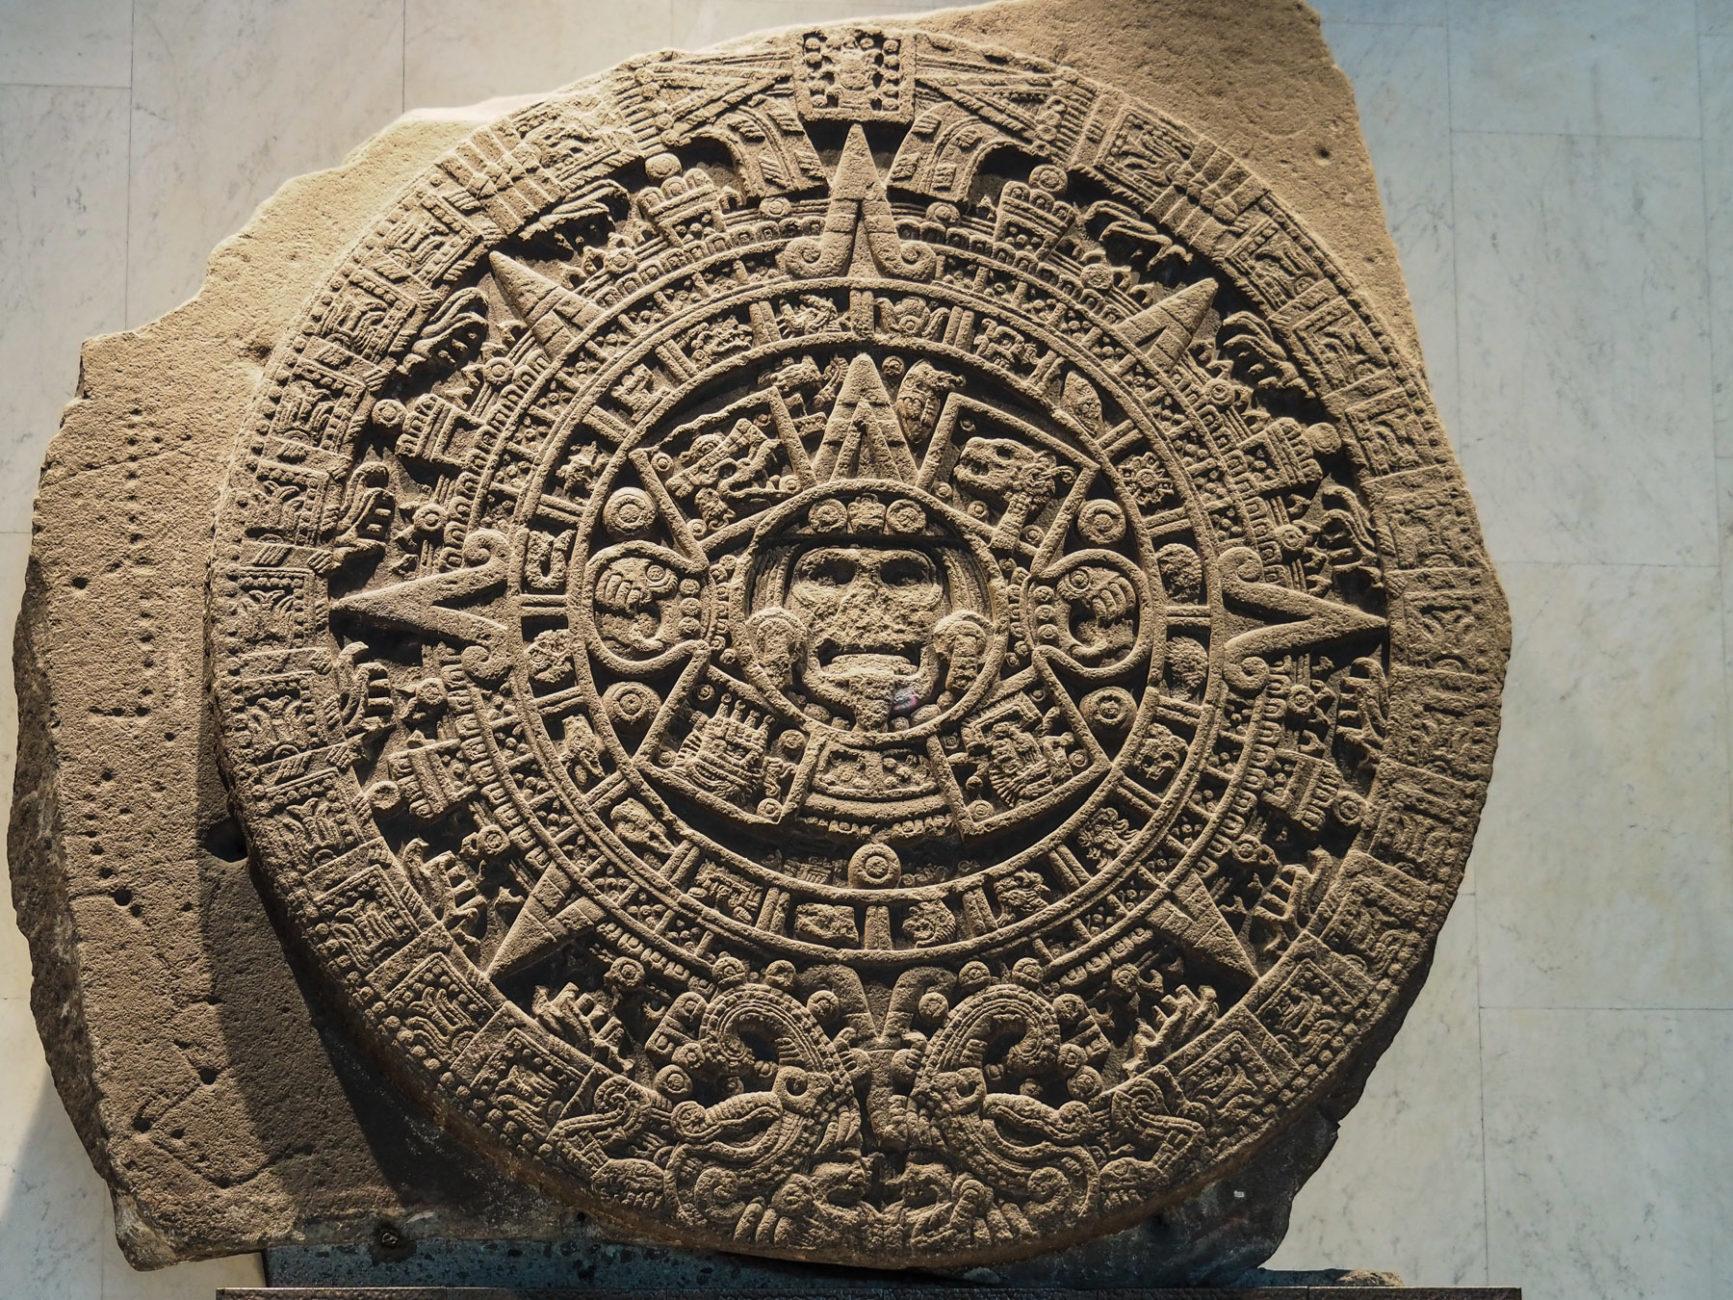 Der berühmte Sonnenstein der Azteken im A. Museum in Mexico City